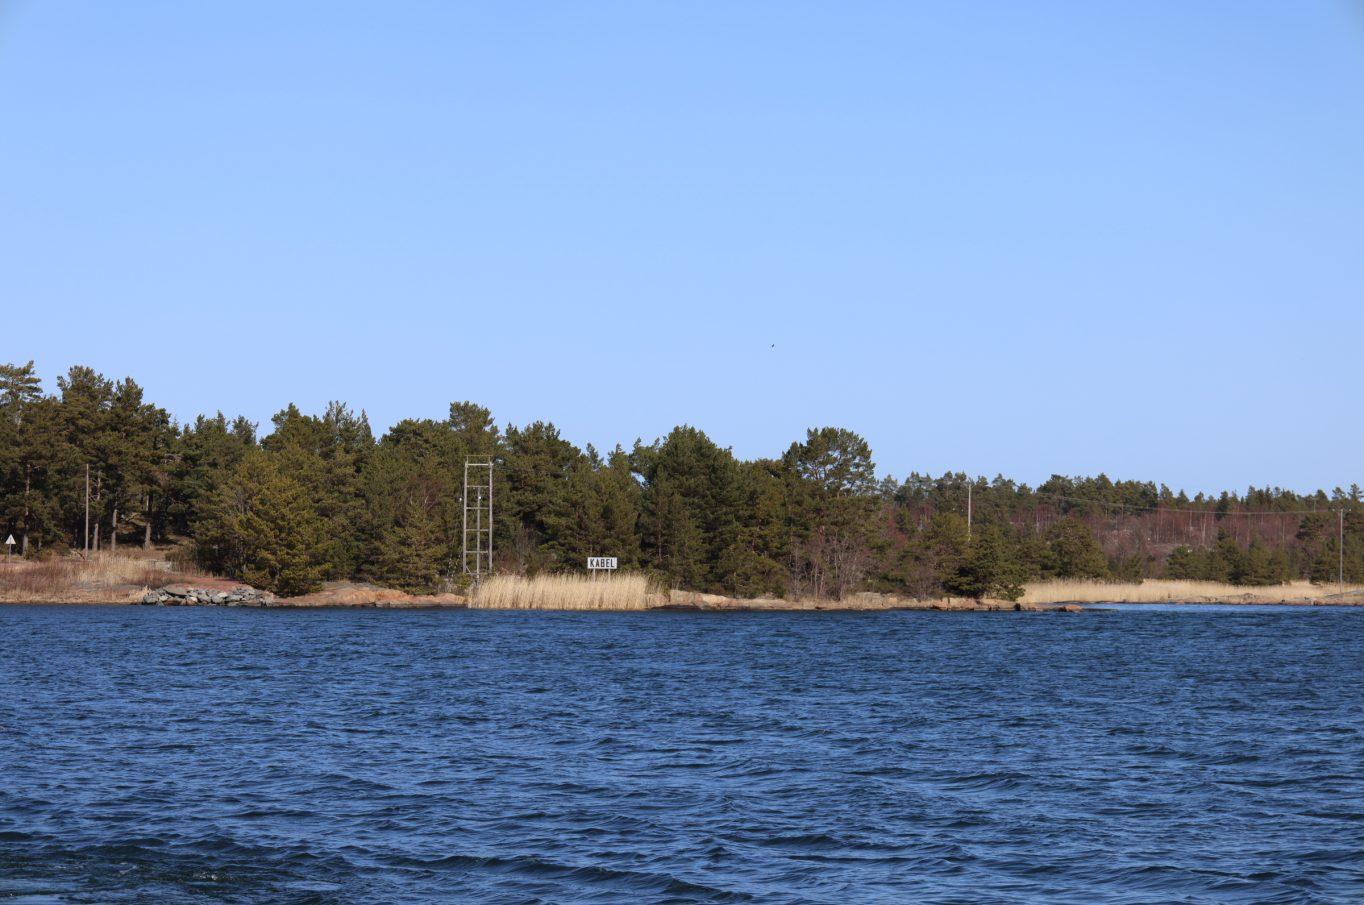 Bostadshus med en stor ladugård, gårdstomt och två strandområden i Jyddö, Föglö.